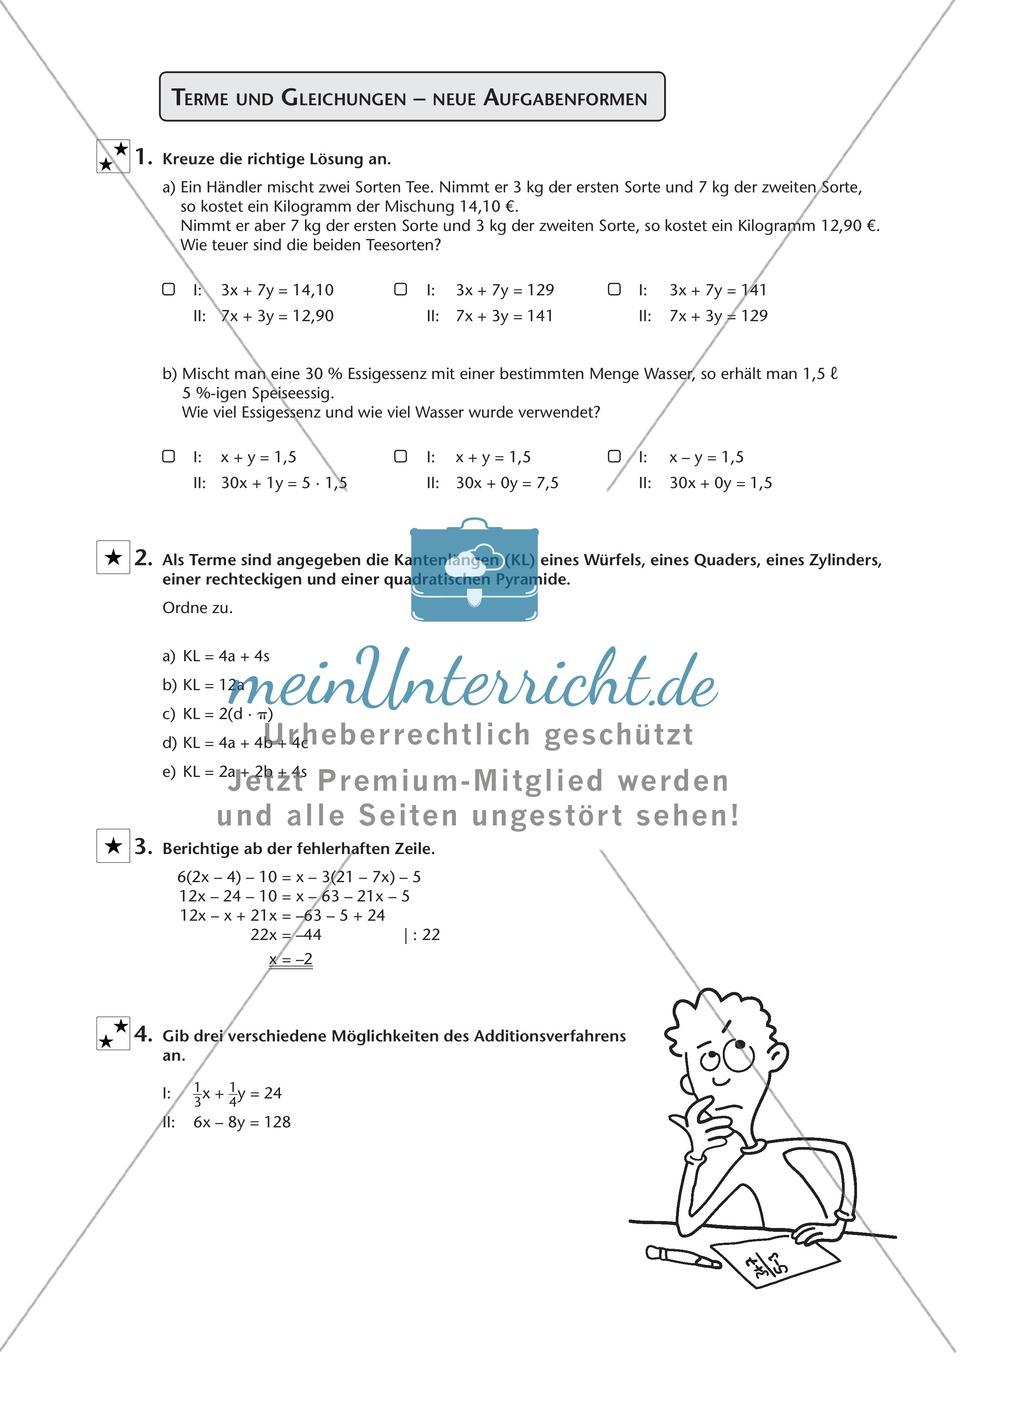 Vermischte Aufgaben mit Termen und Gleichungen - meinUnterricht